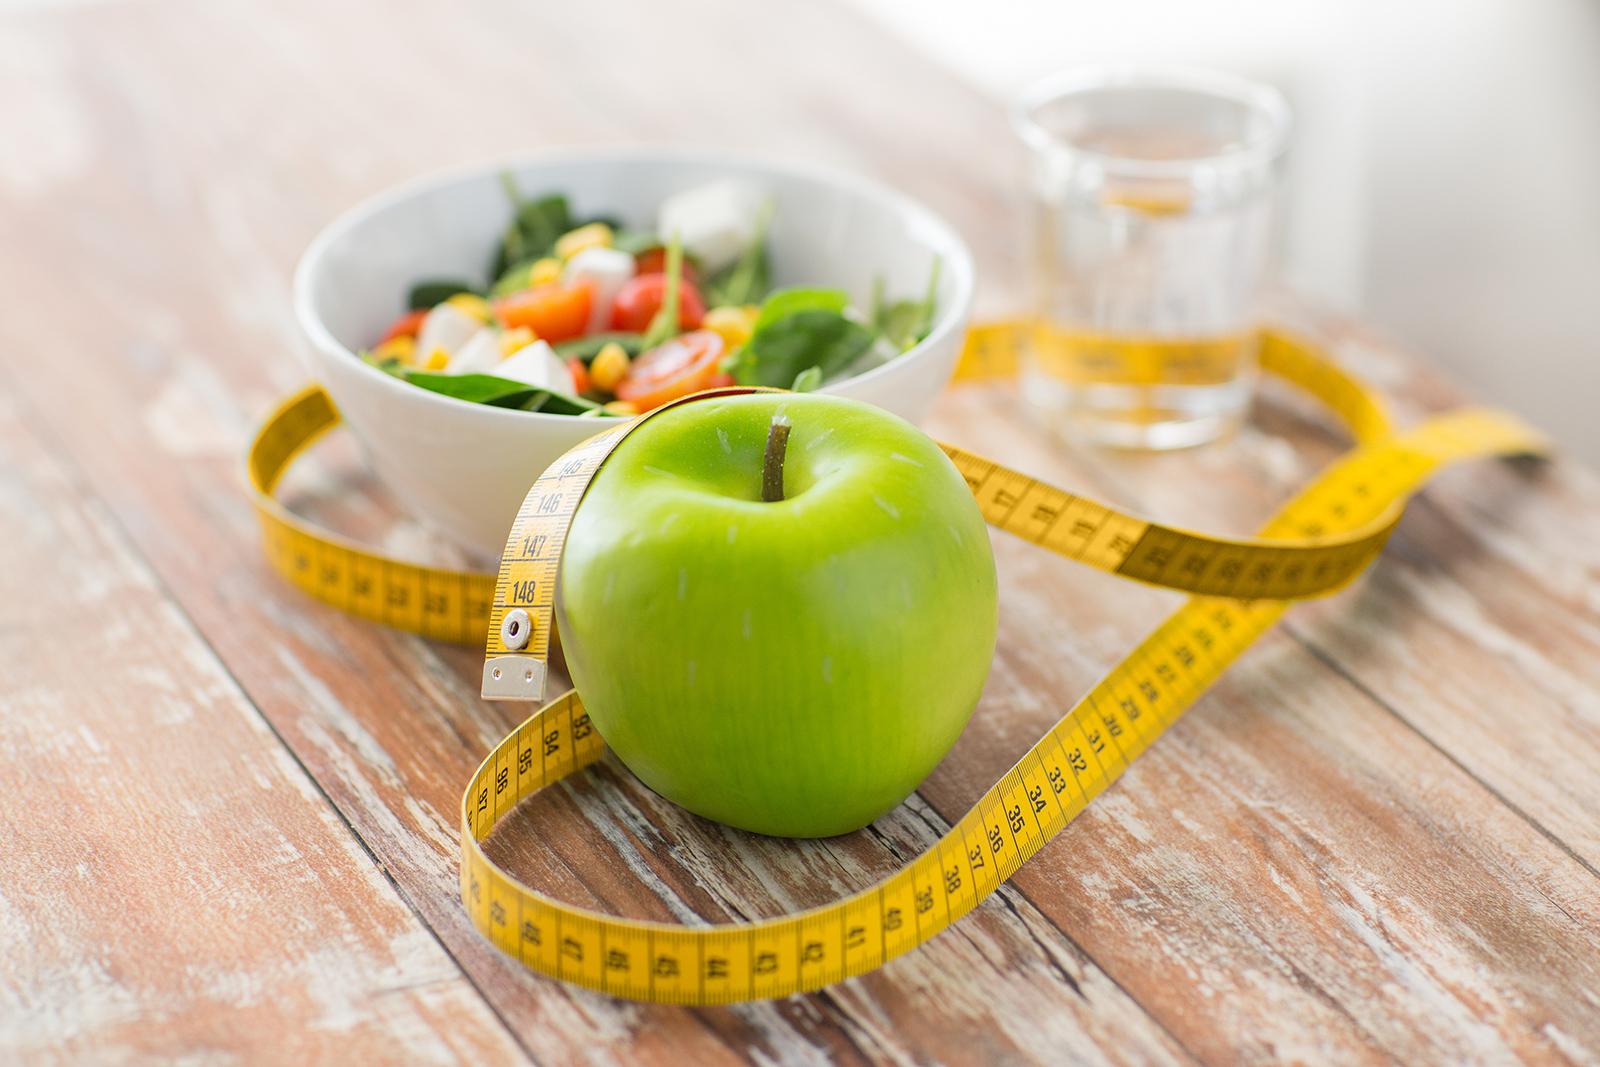 Sant eller falskt om viktnedgång